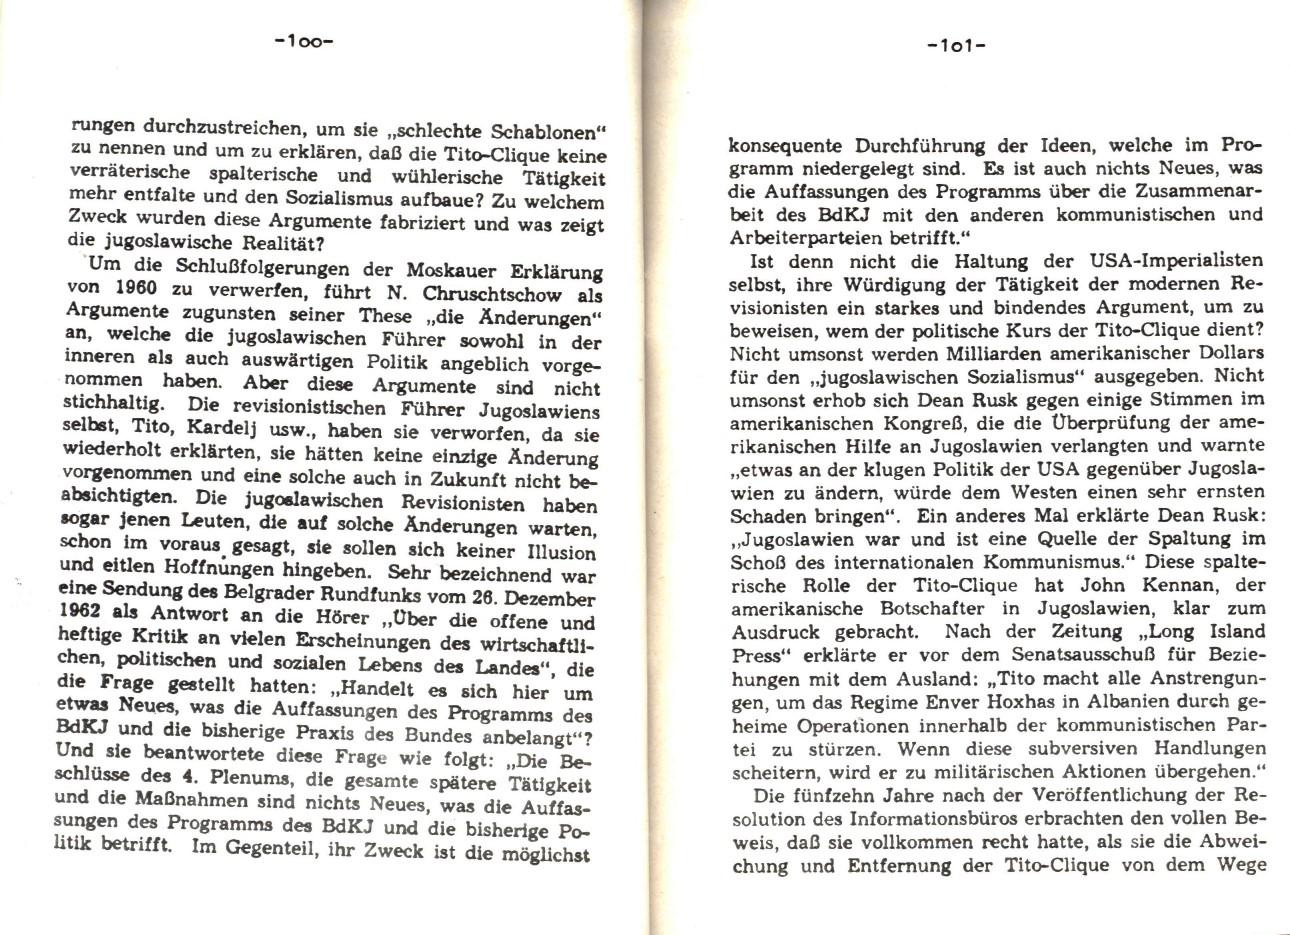 MLSK_Theorie_und_Praxis_des_ML_1979_24_52